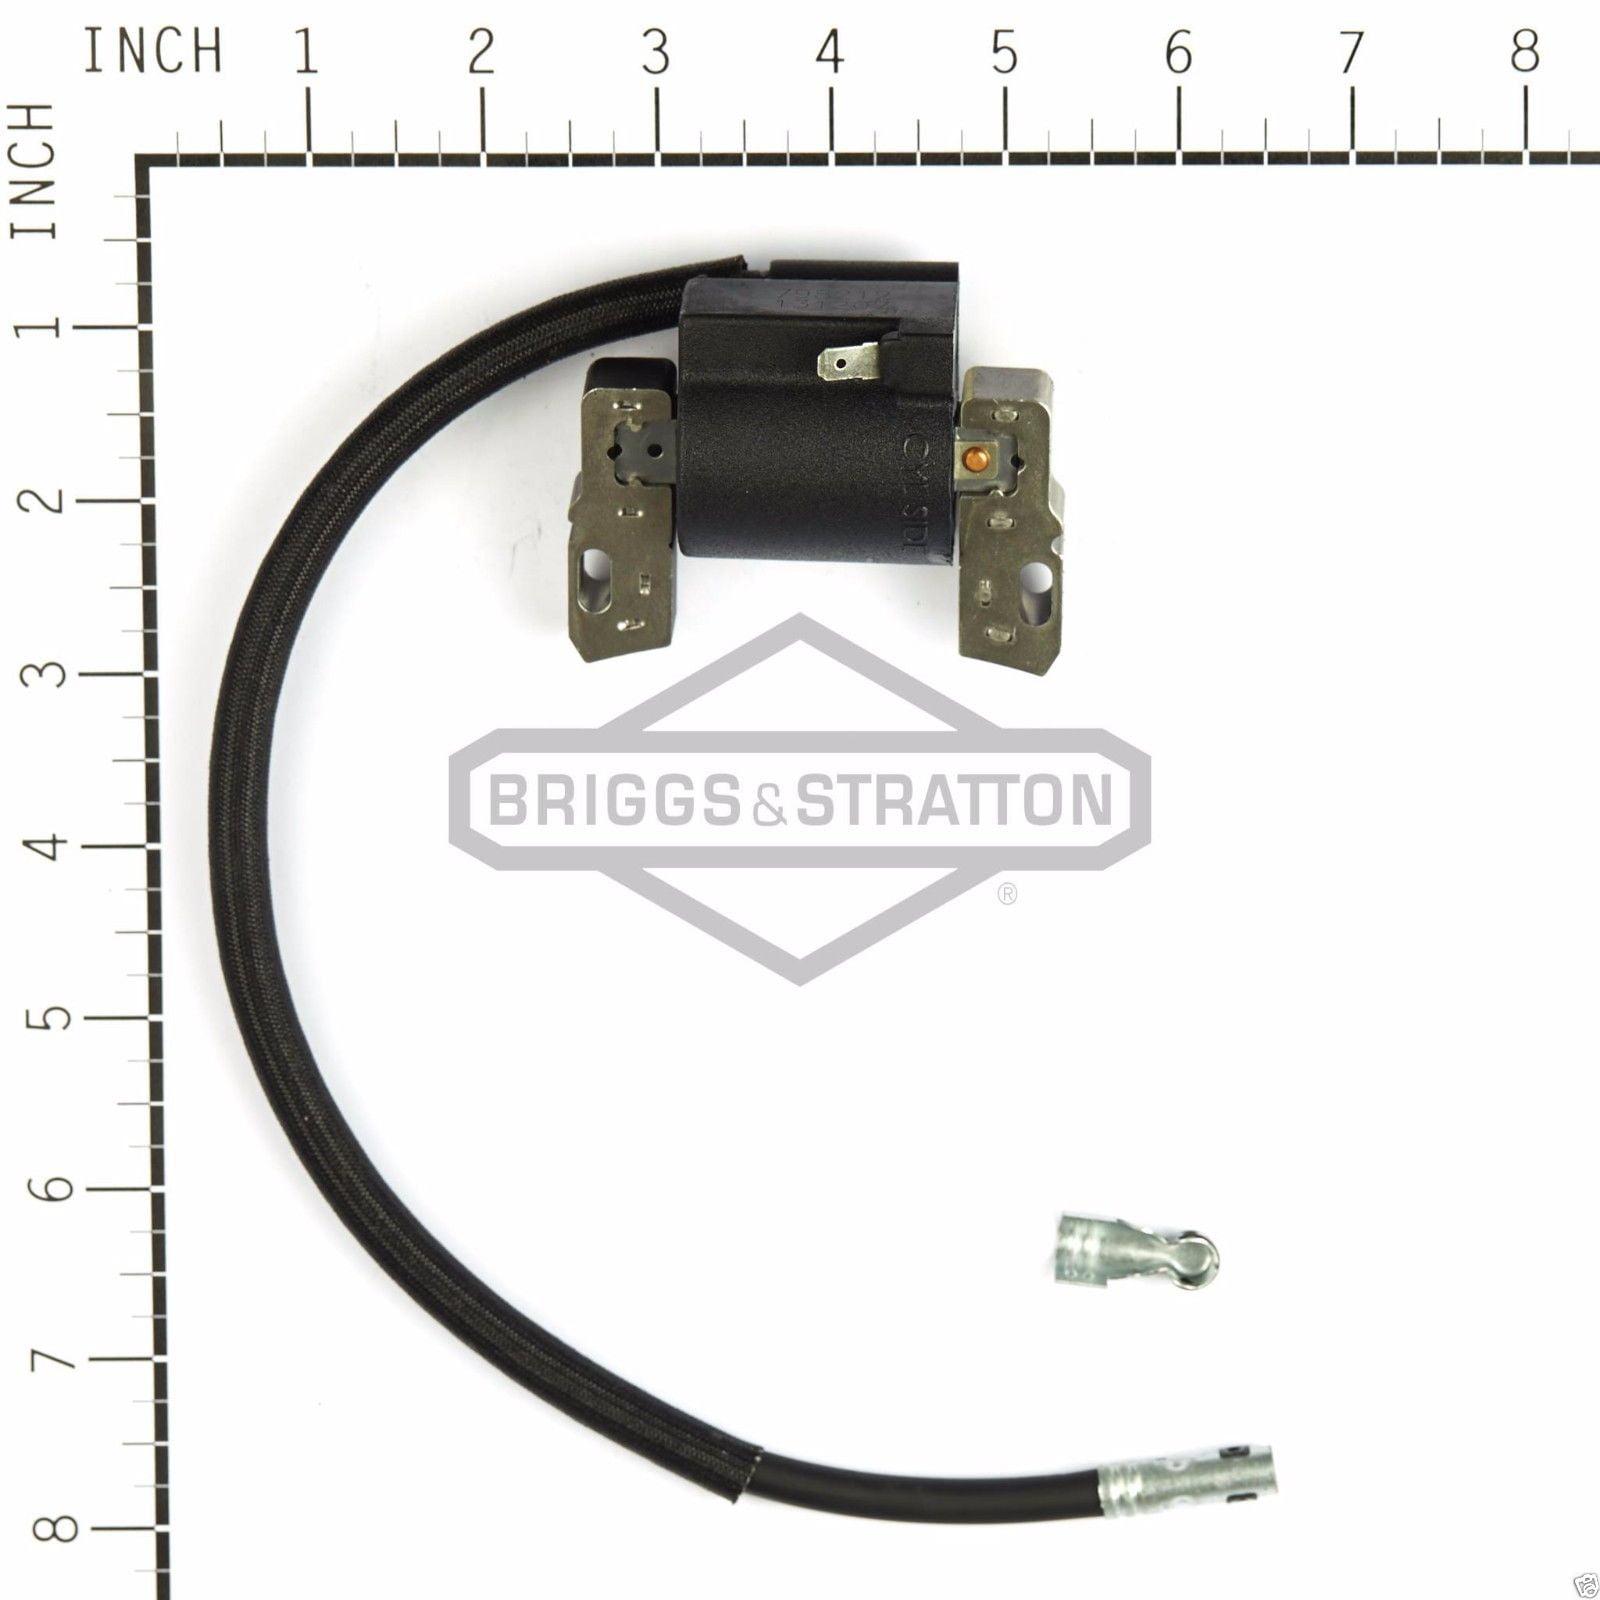 Genuine Briggs & Stratton 591459 Ignition Coil Armature Magneto OEM